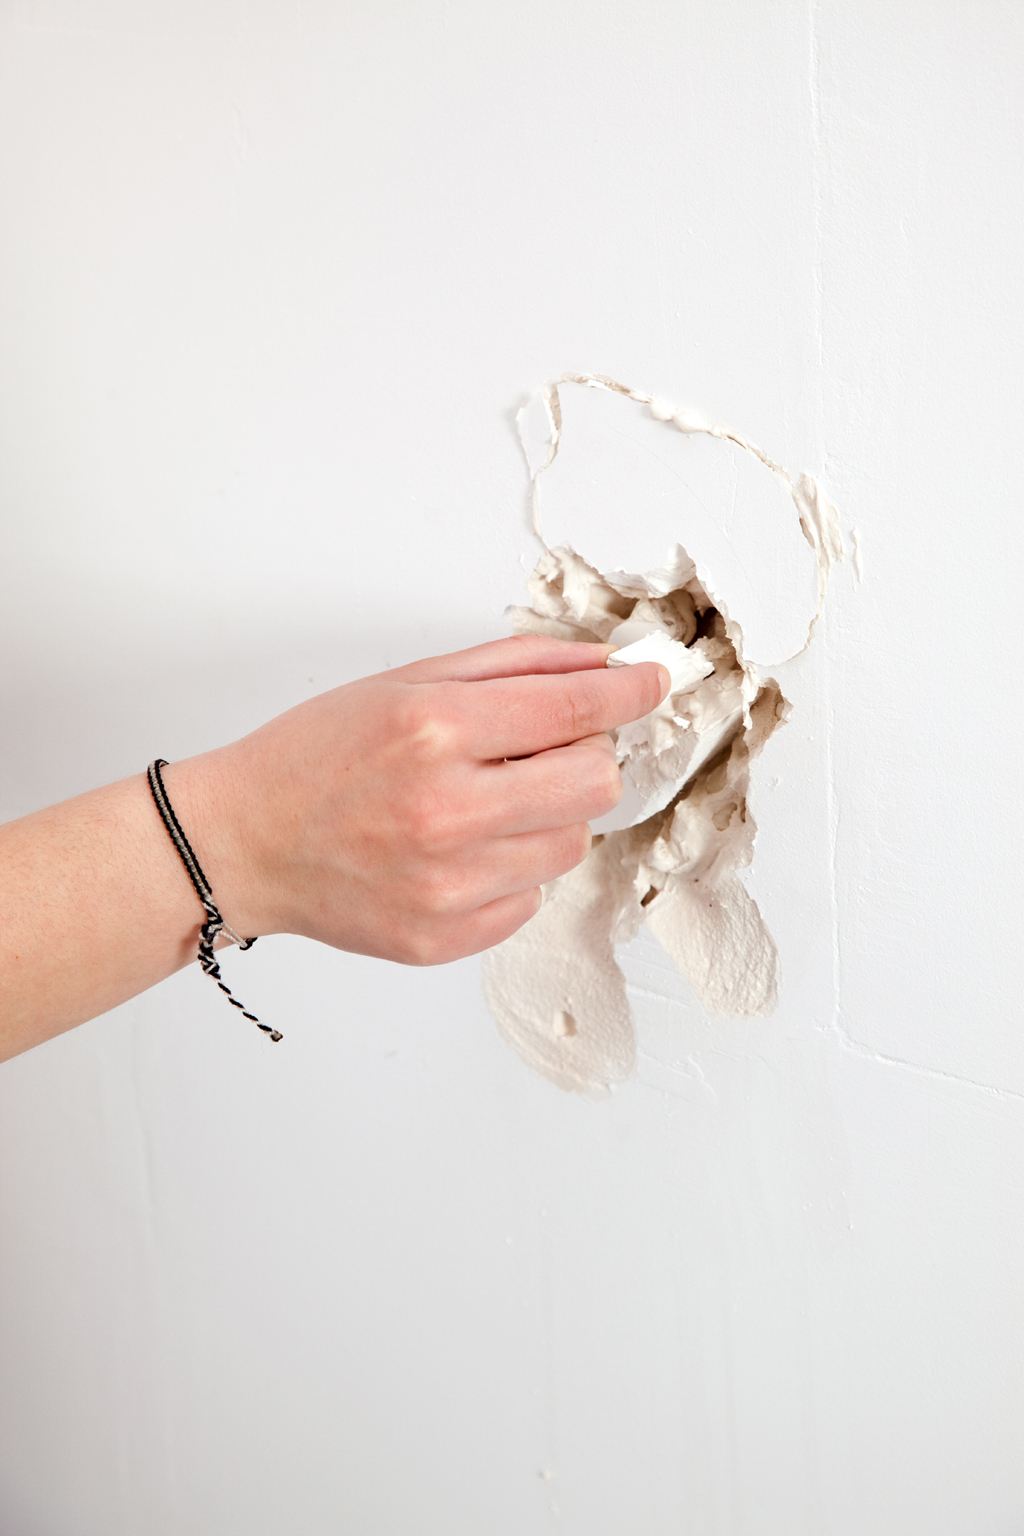 Réparer un mur en plâtre